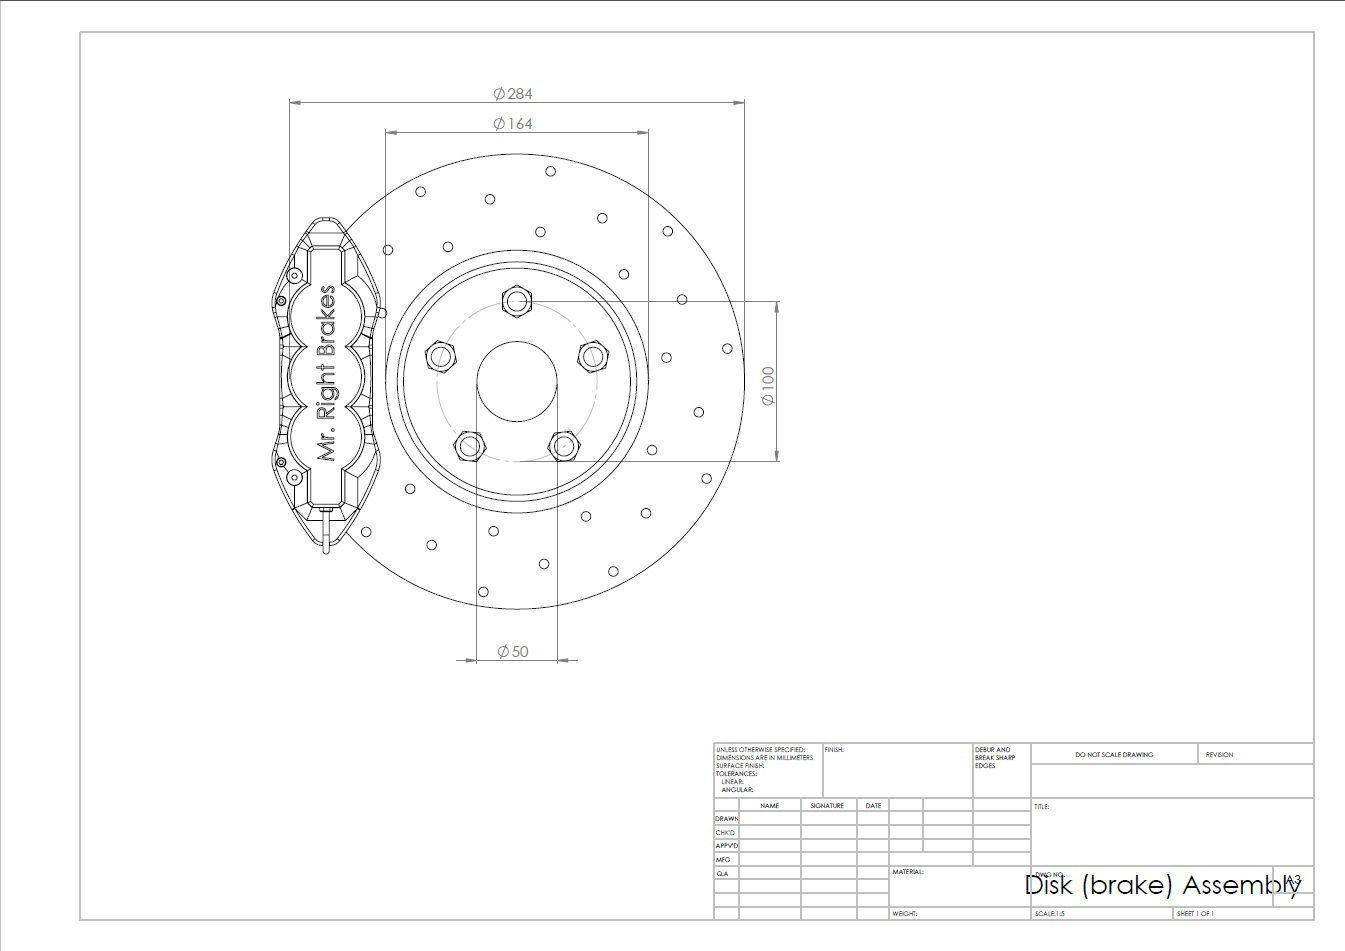 Disc Brake 3d Model Assembly Diagram Sldprt Sldasm Slddrw Pdf 2